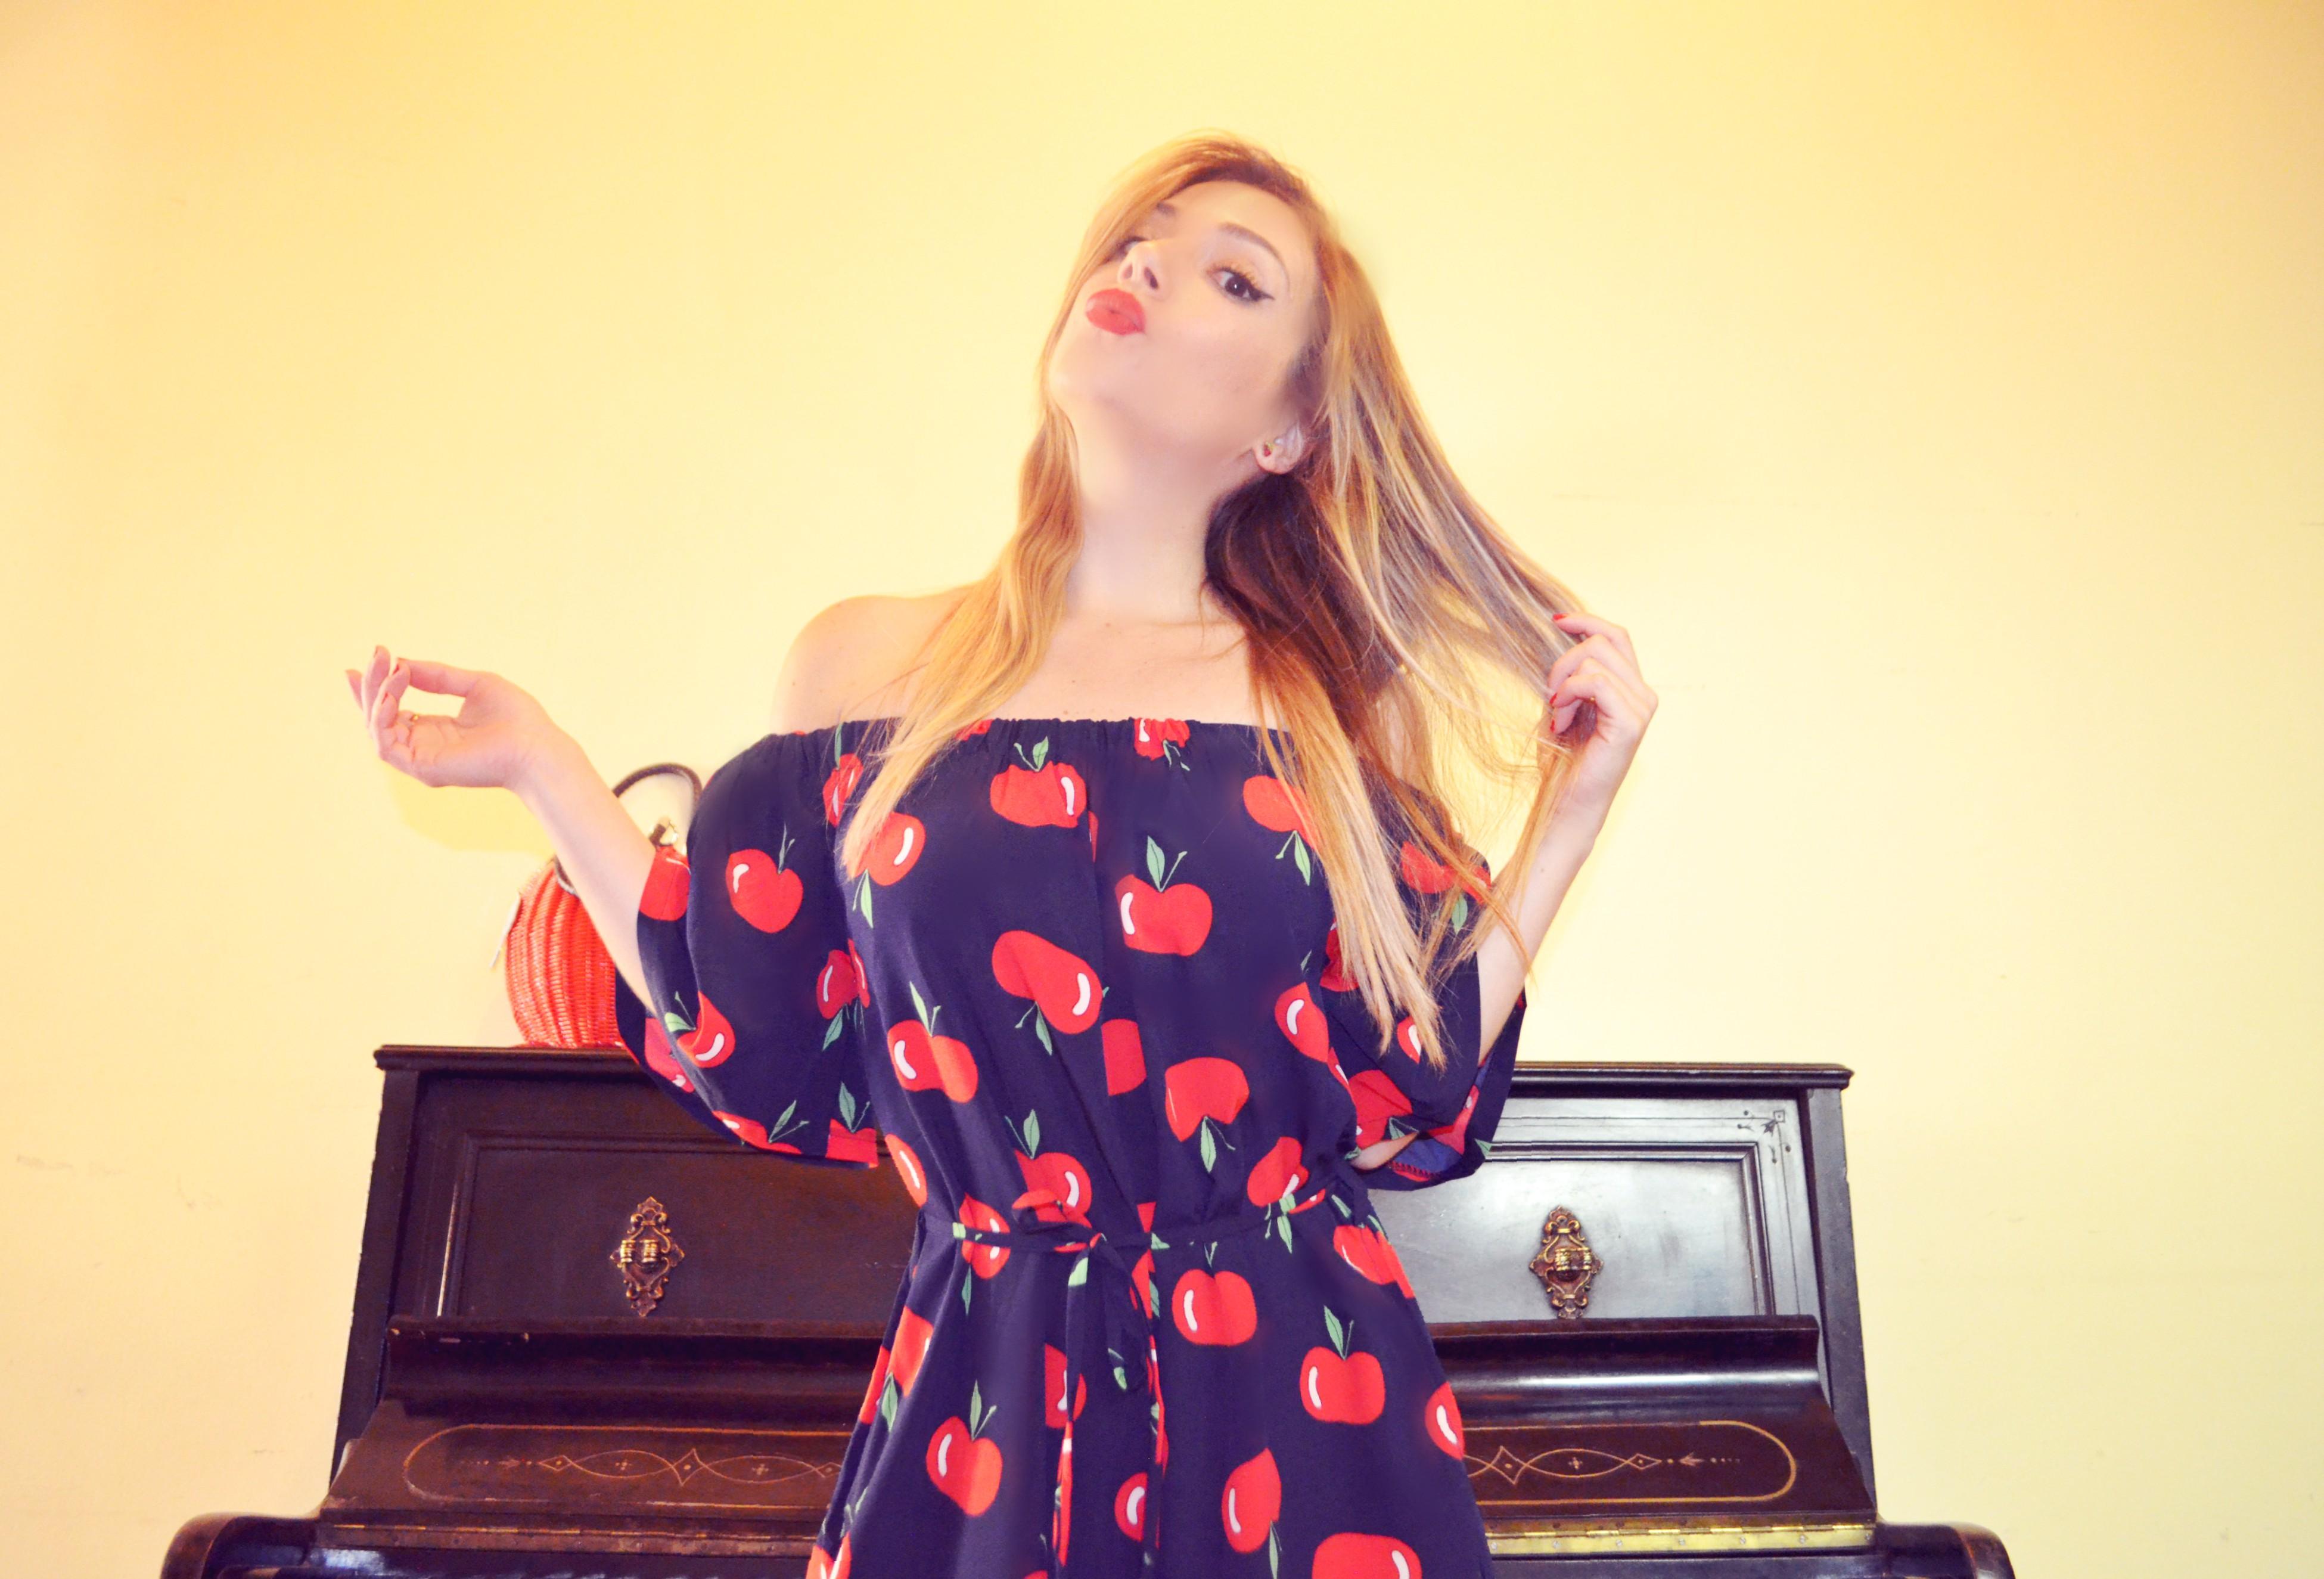 Blog-de-moda-fashionista-ChicAdicta-monos-de-verano-smile-dress-estampado-de-manzanas-influencer-Madrid-PiensaenChic-Piensa-en-Chic